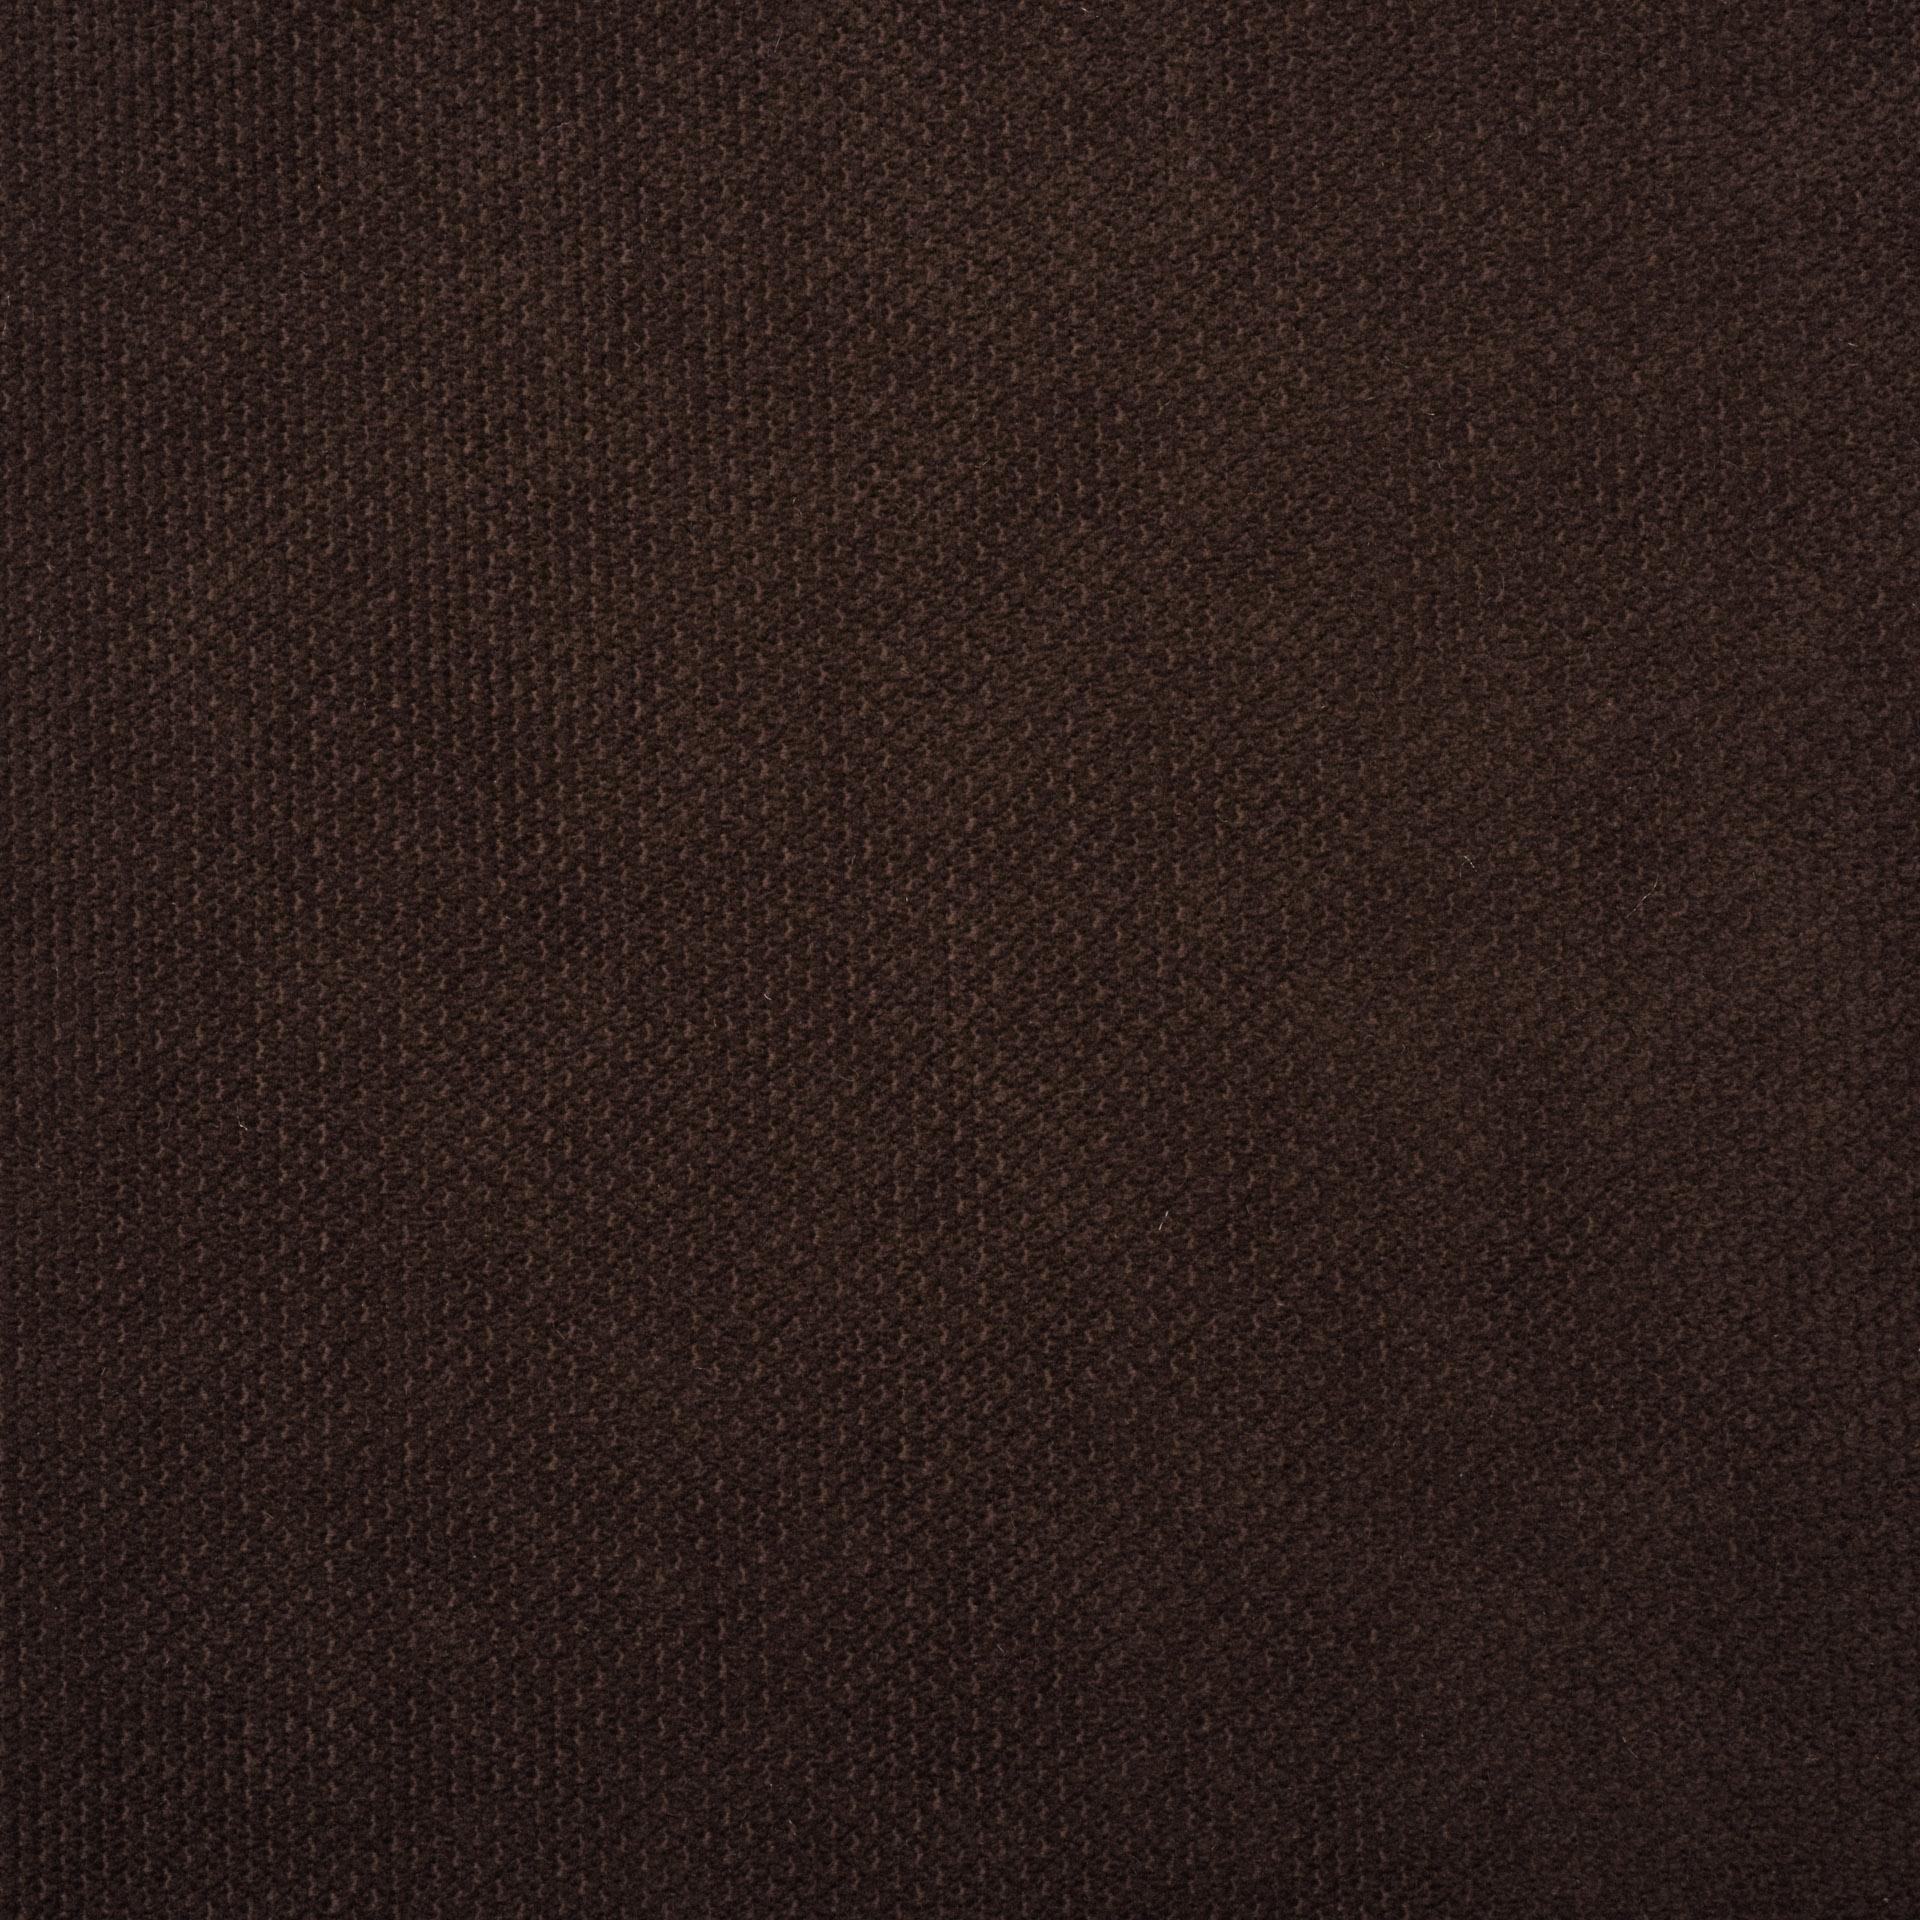 Коллекция ткани Дели 09 CHOCO,  купить ткань Жаккард для мебели Украина